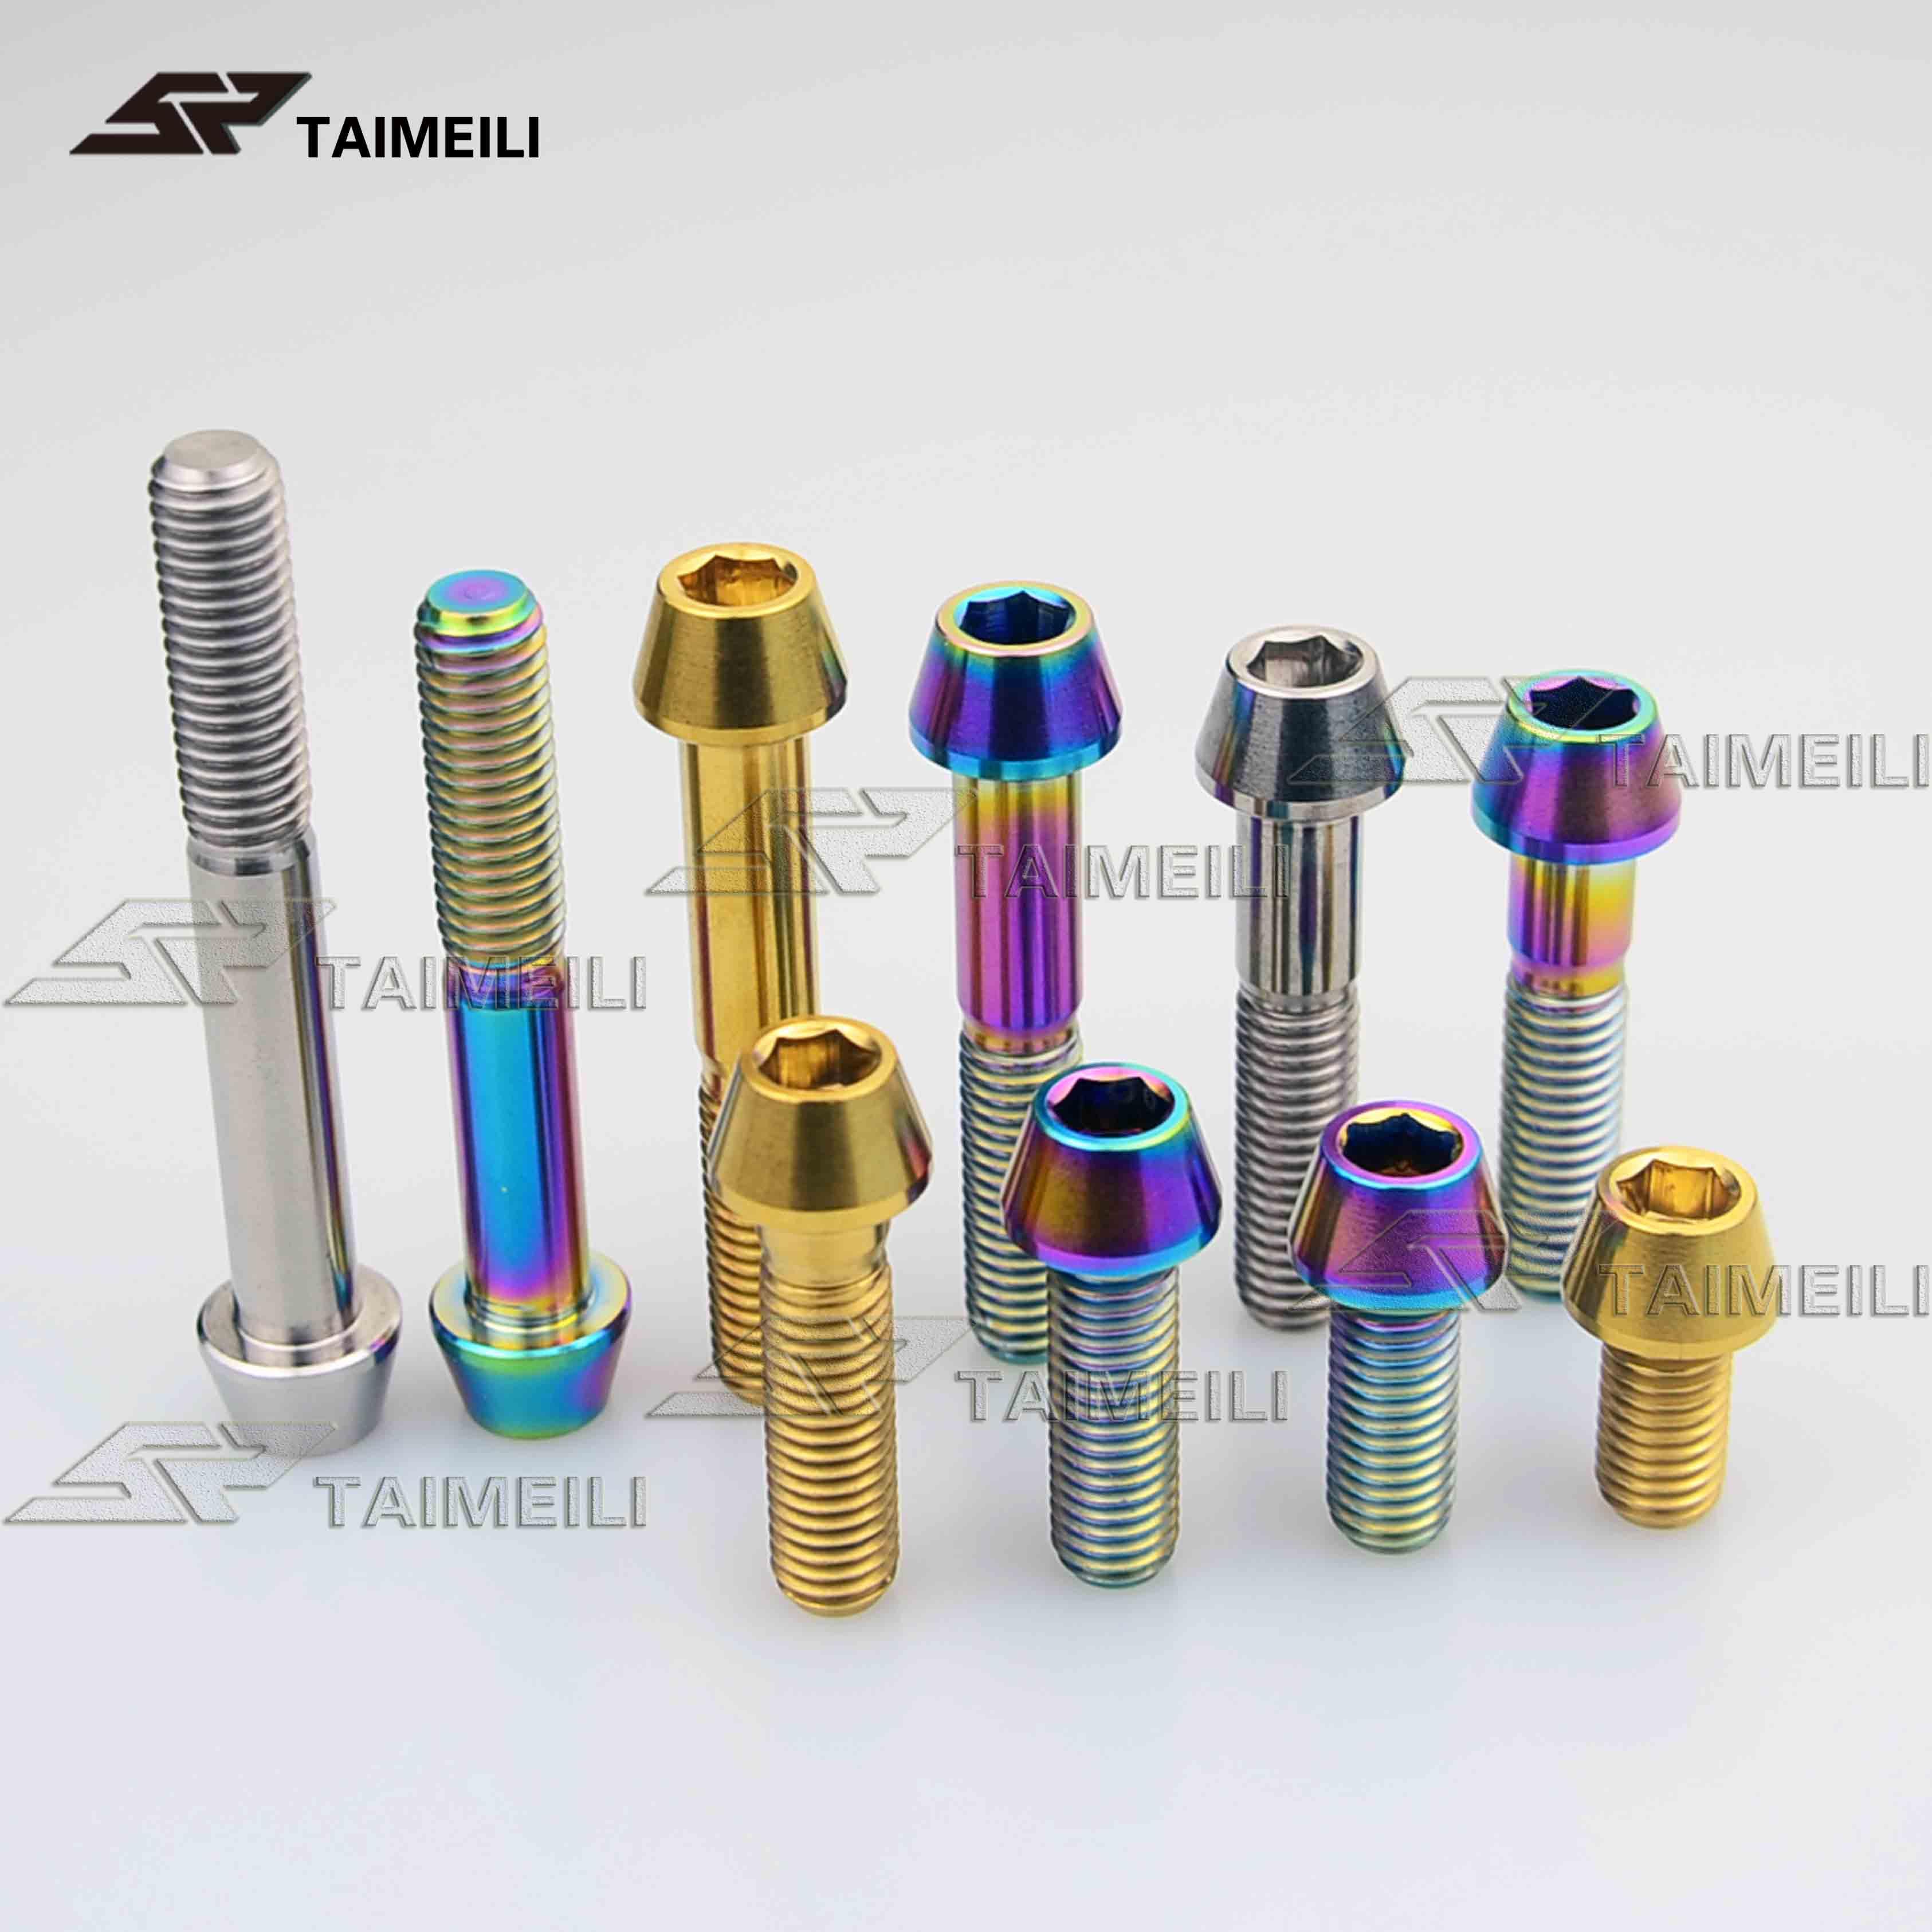 Titanium Bolts Taper Head M8x15 20 25 30 35 40 45 50mm Ti Bolt Screw 1.25